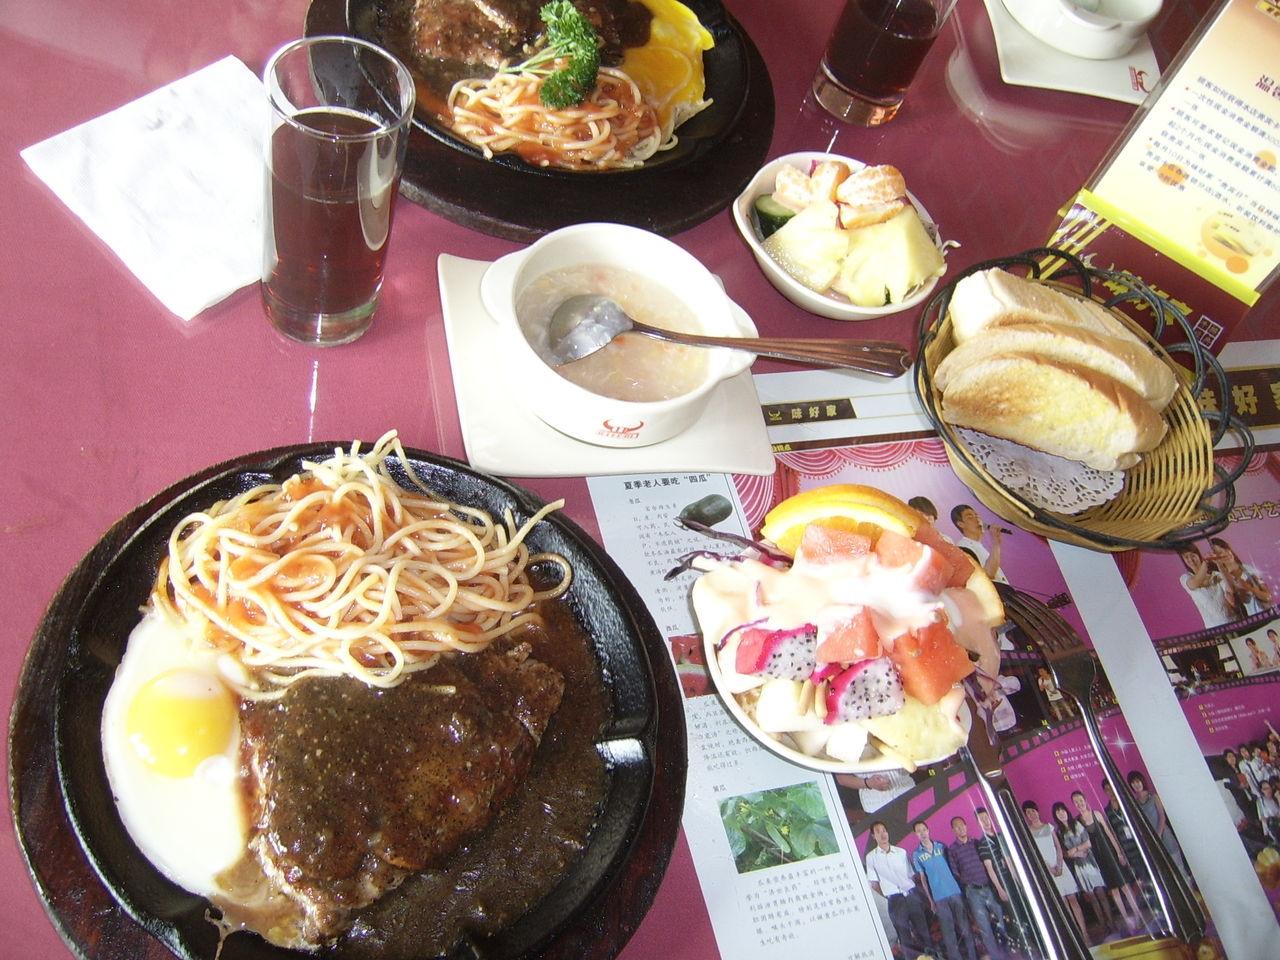 吃西餐庆祝寒假开始照片――玫瑰晓桦